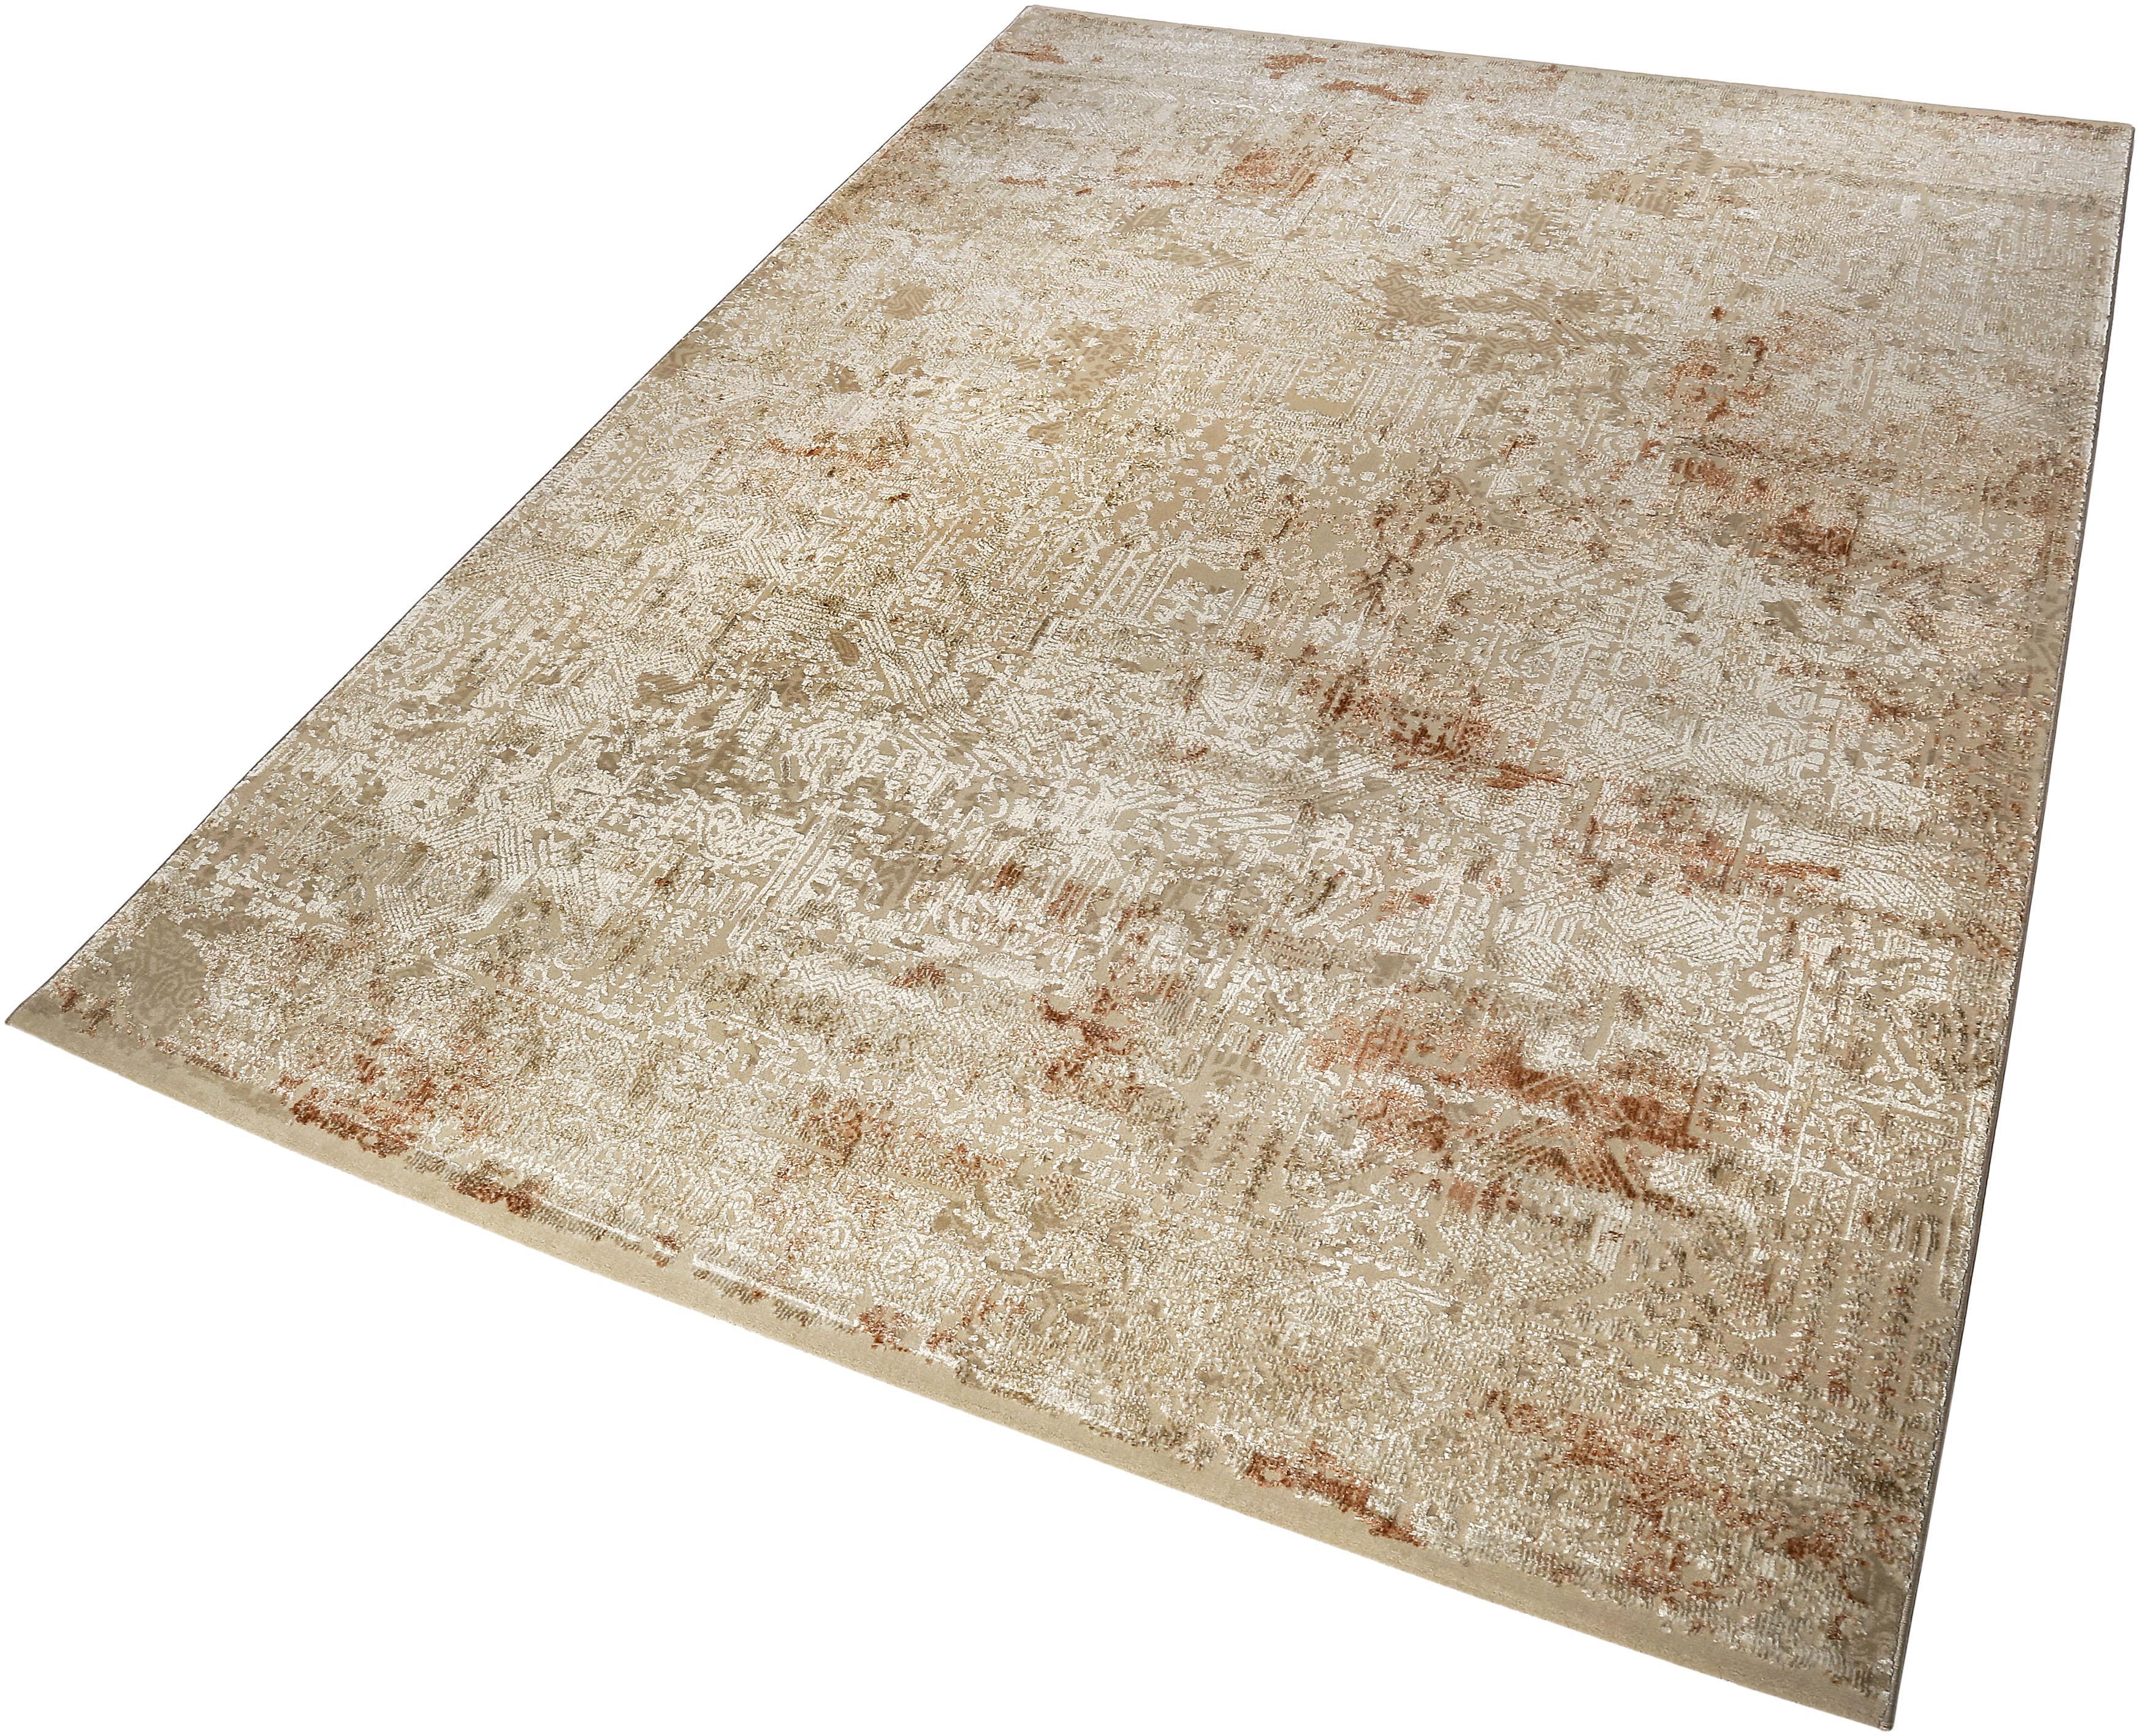 Teppich Rococo Vintage Wecon Home rechteckig Höhe 12 mm maschinell gewebt